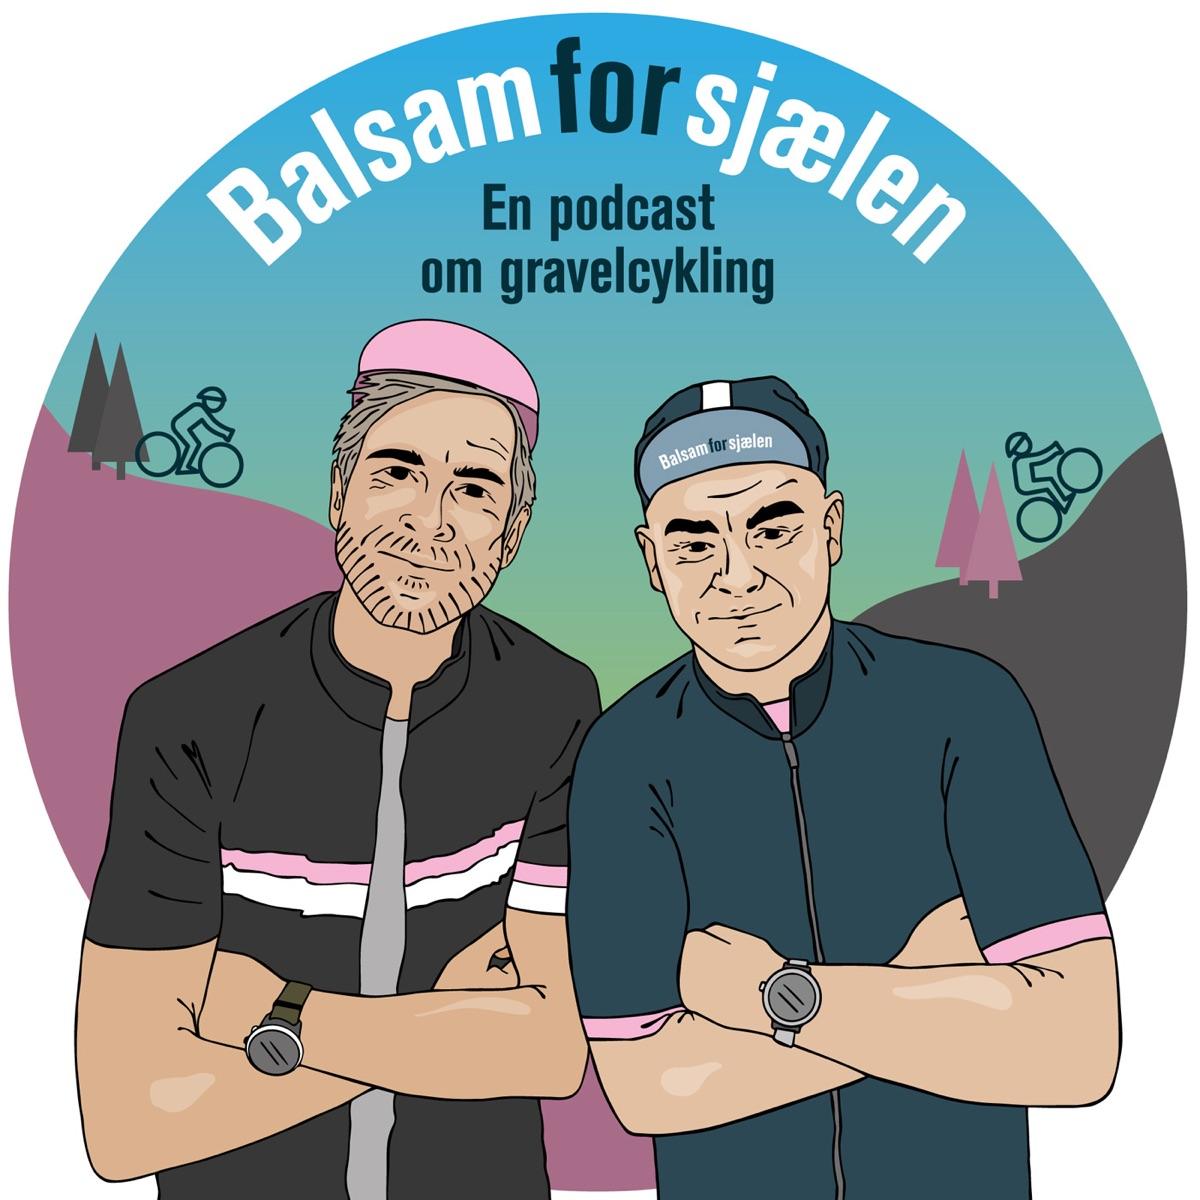 Balsam for sjælen - alt om gravel cykling